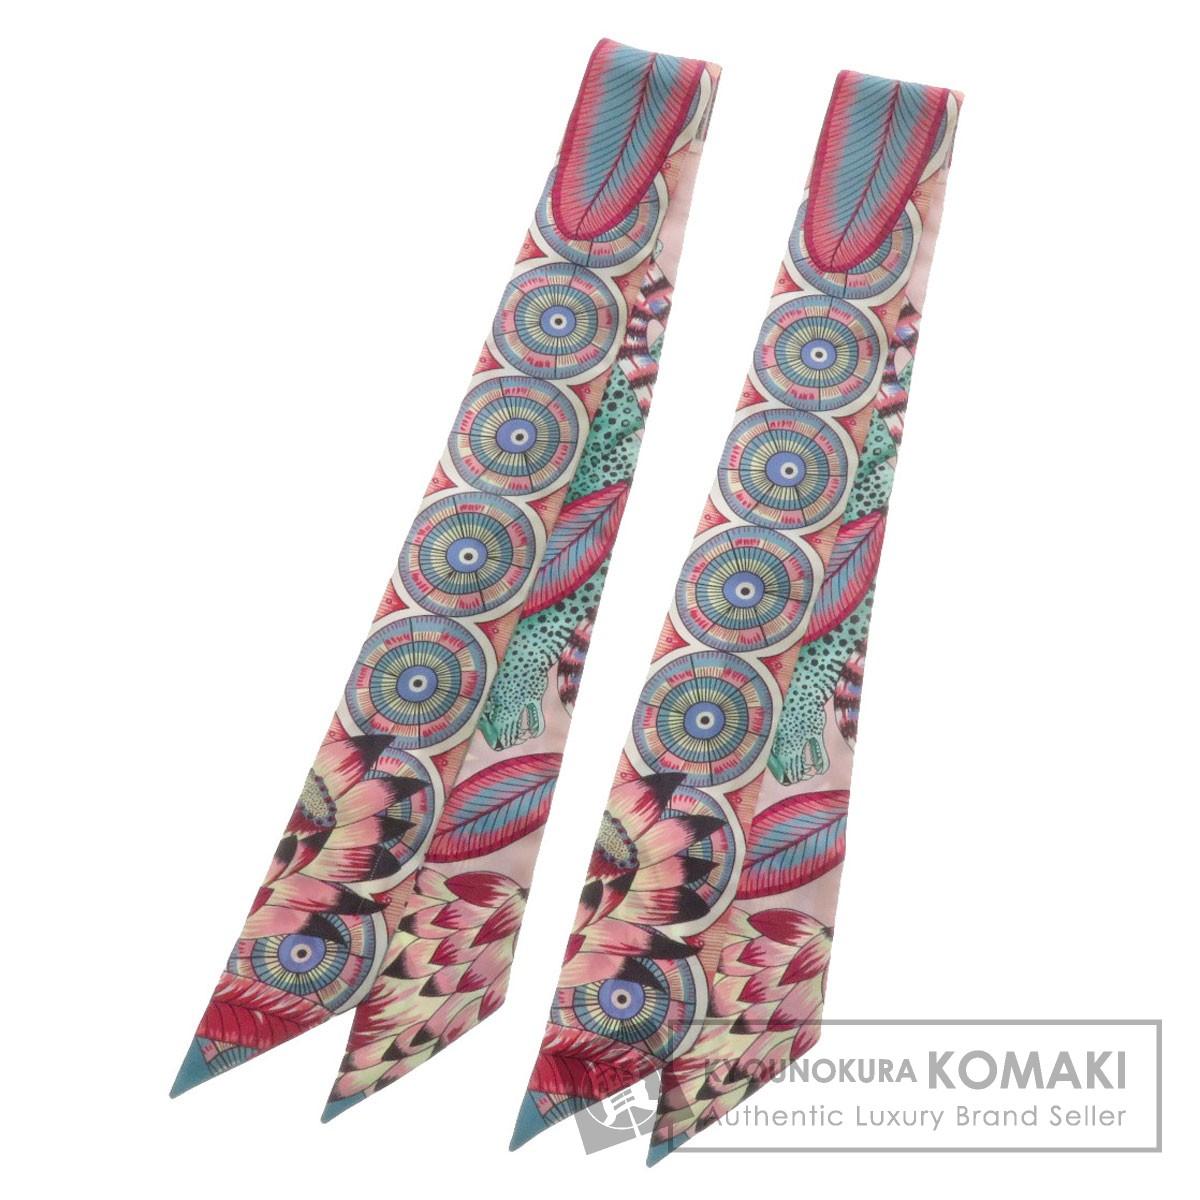 エルメス ツイリー 2本セット 猿 豹 スカーフ シルク レディース 【中古】【HERMES】